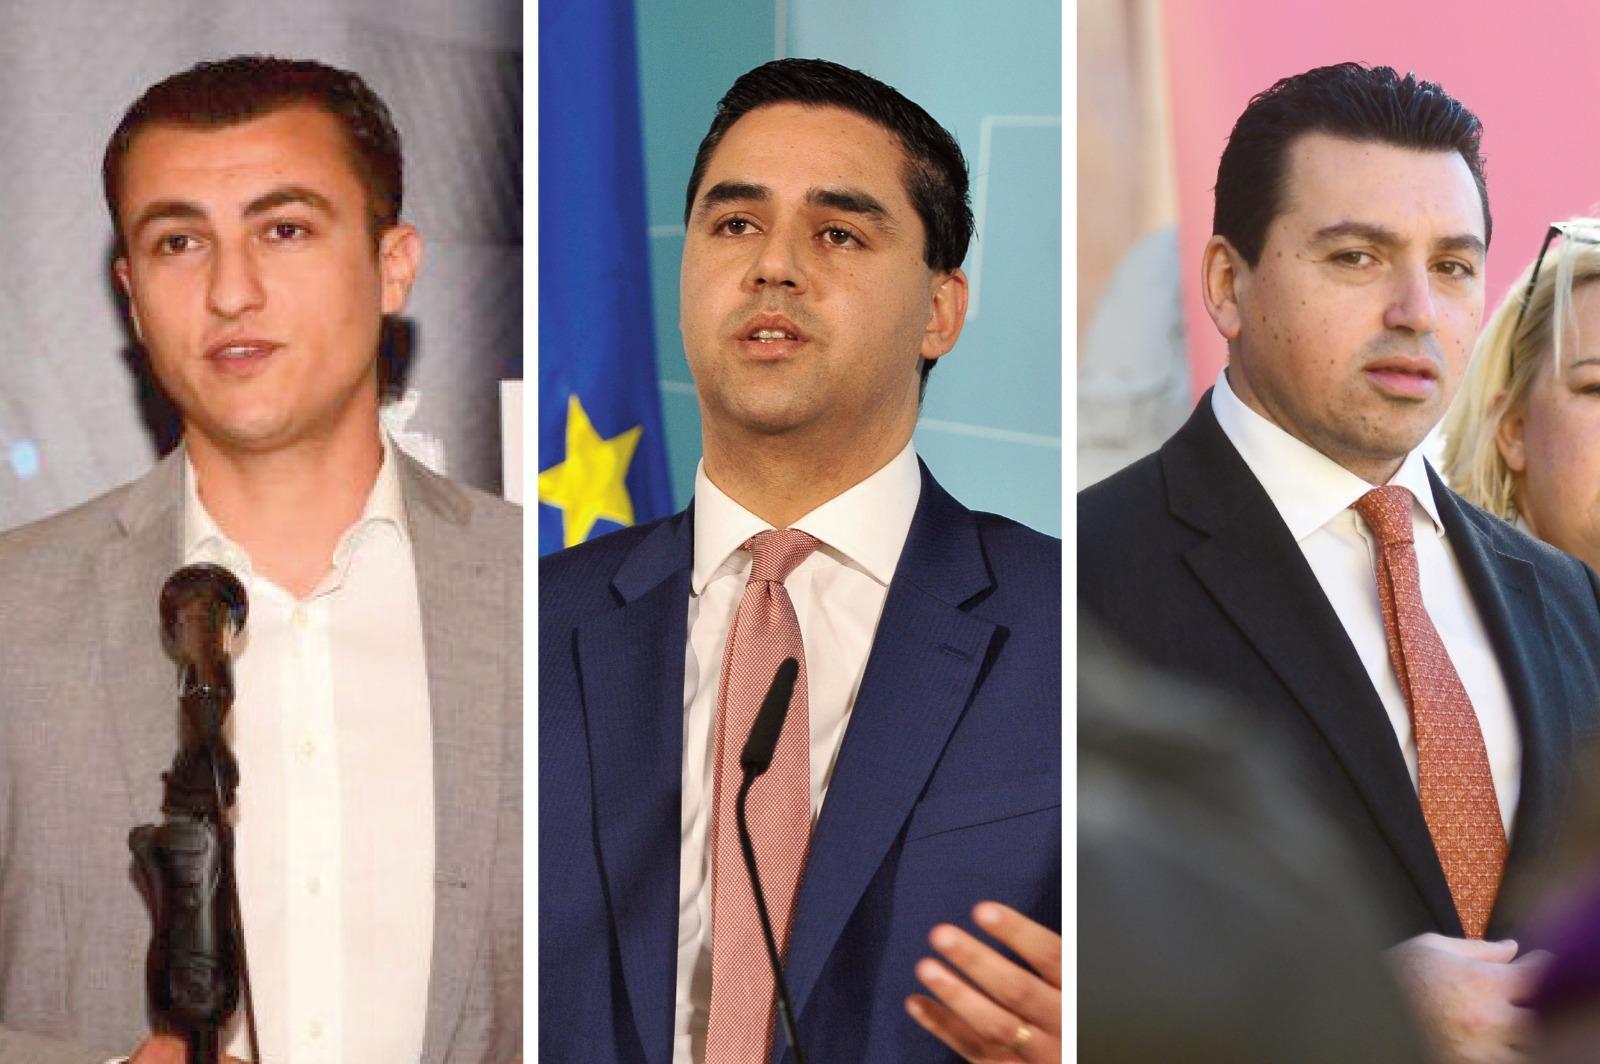 Ian Borg, Aaron Farrugia and Silvio Schembri are tasked with three large portfolios.